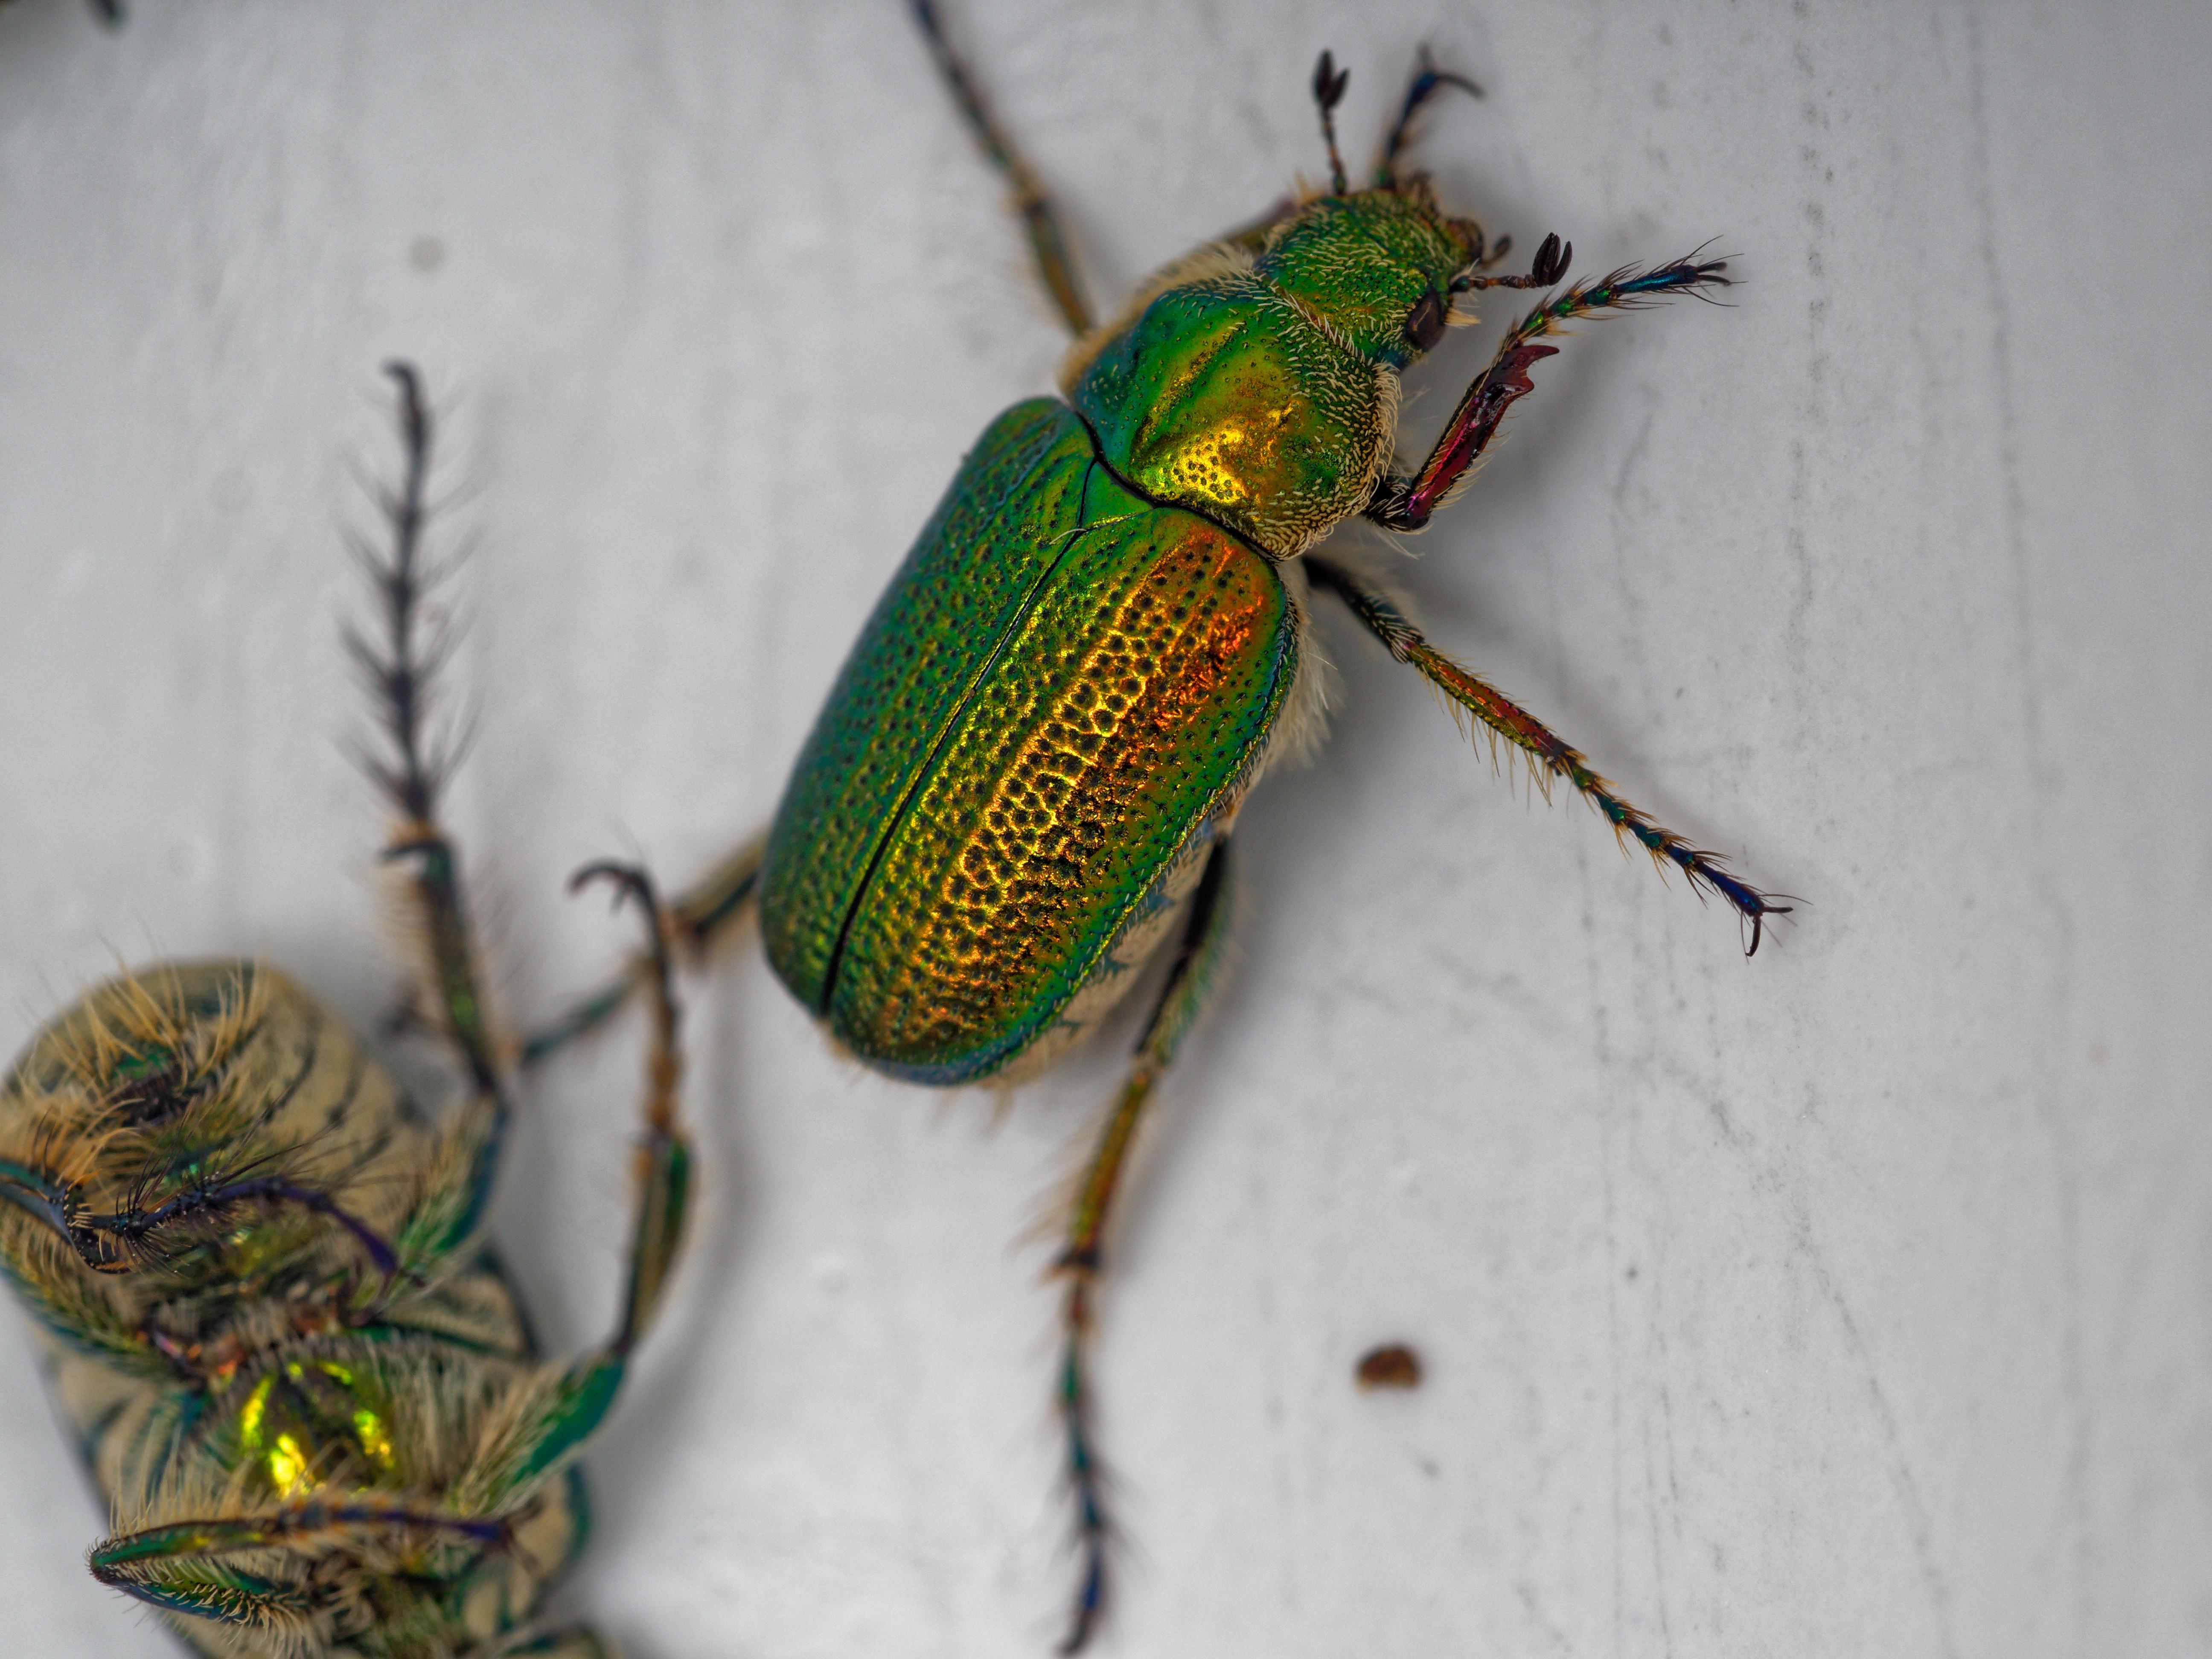 Christmas-beetle-5.jpeg